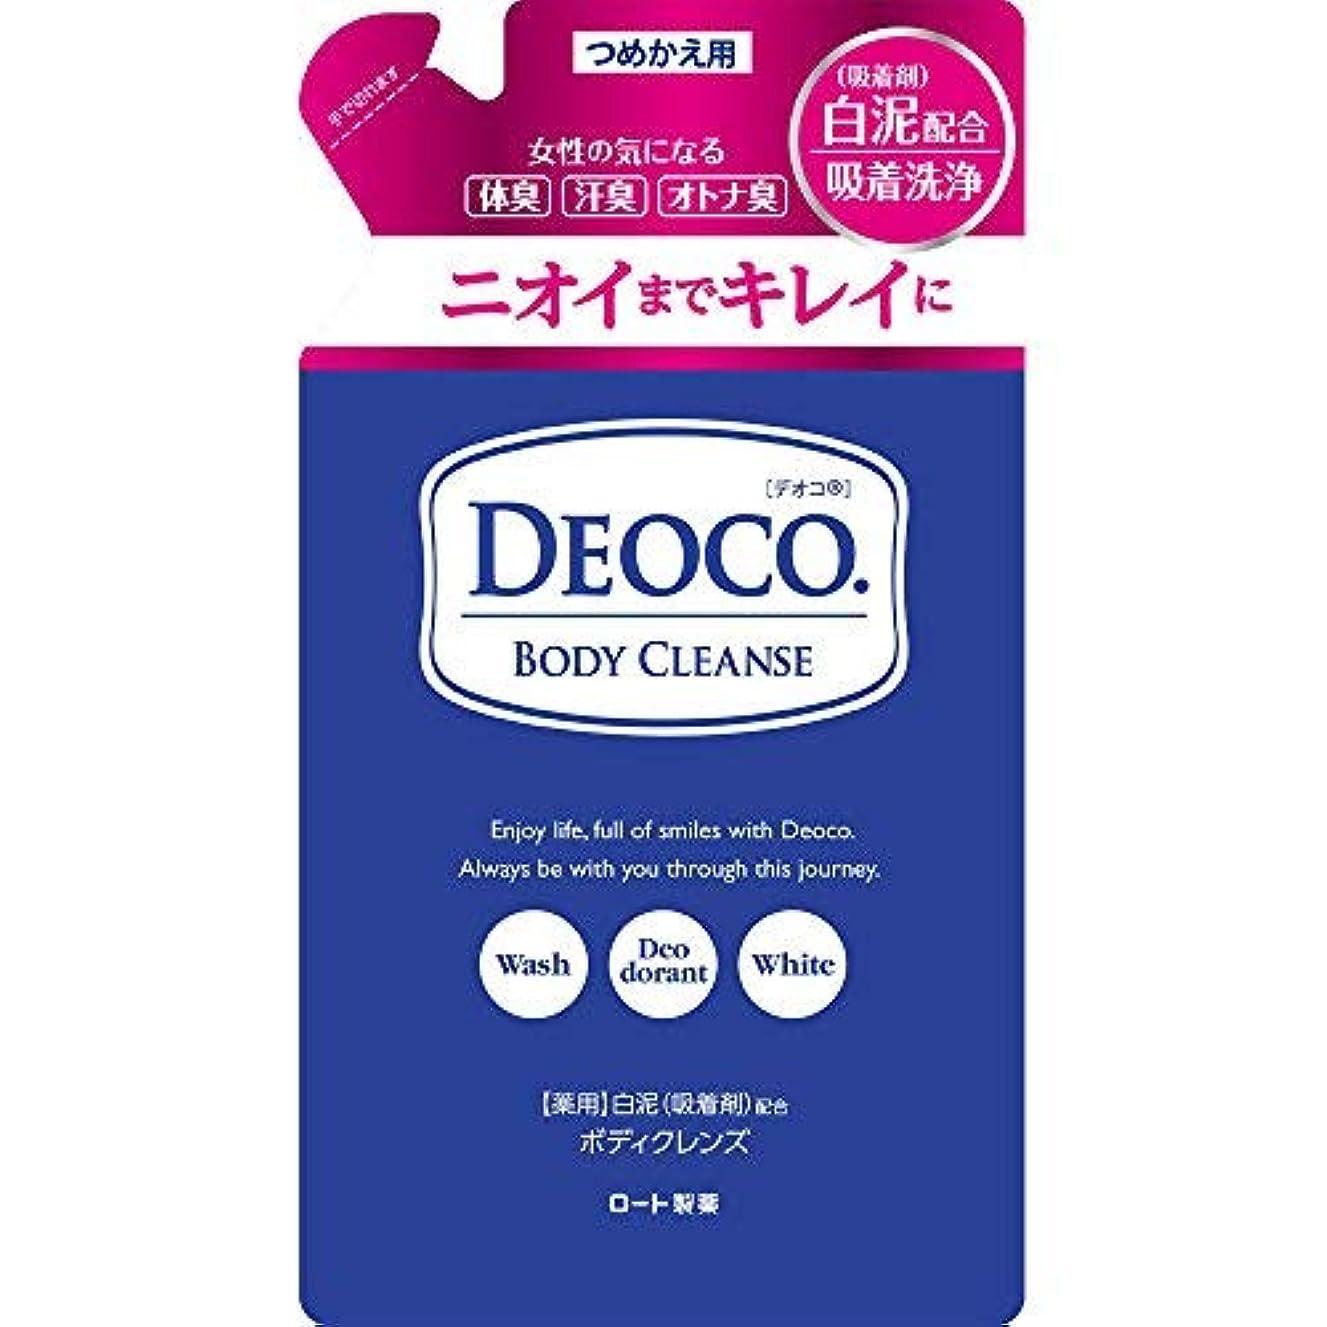 センブランスレプリカ帰るロート製薬 デオコ DEOCO 薬用 ボディクレンズ 詰め替え 250ml × 12個セット